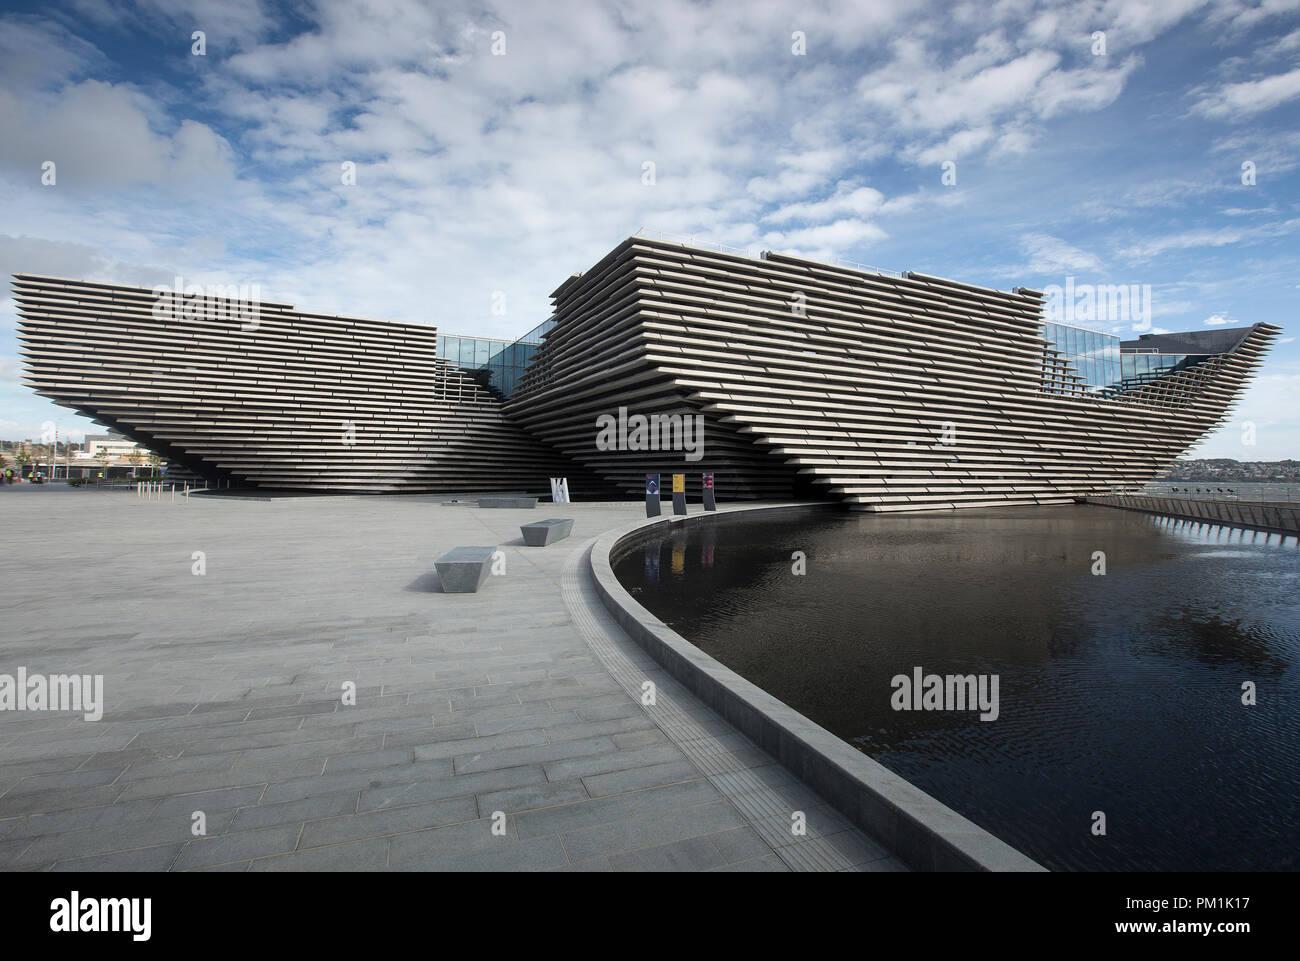 V&A Dundee designed by the architect Kengo Kuma - Stock Image